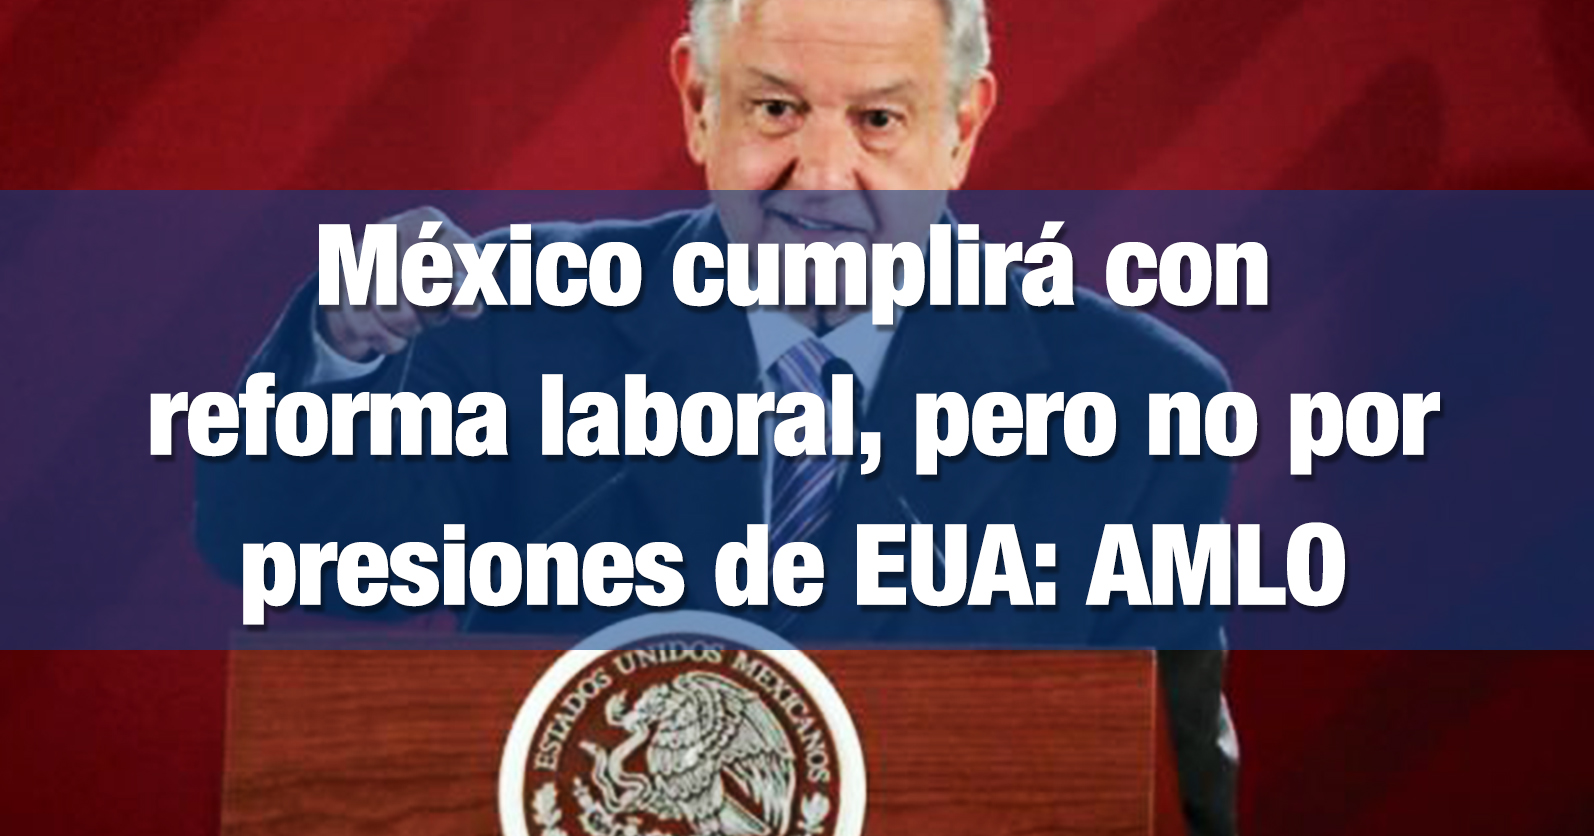 México cumplirá con reforma laboral, pero no por presiones de EUA: AMLO